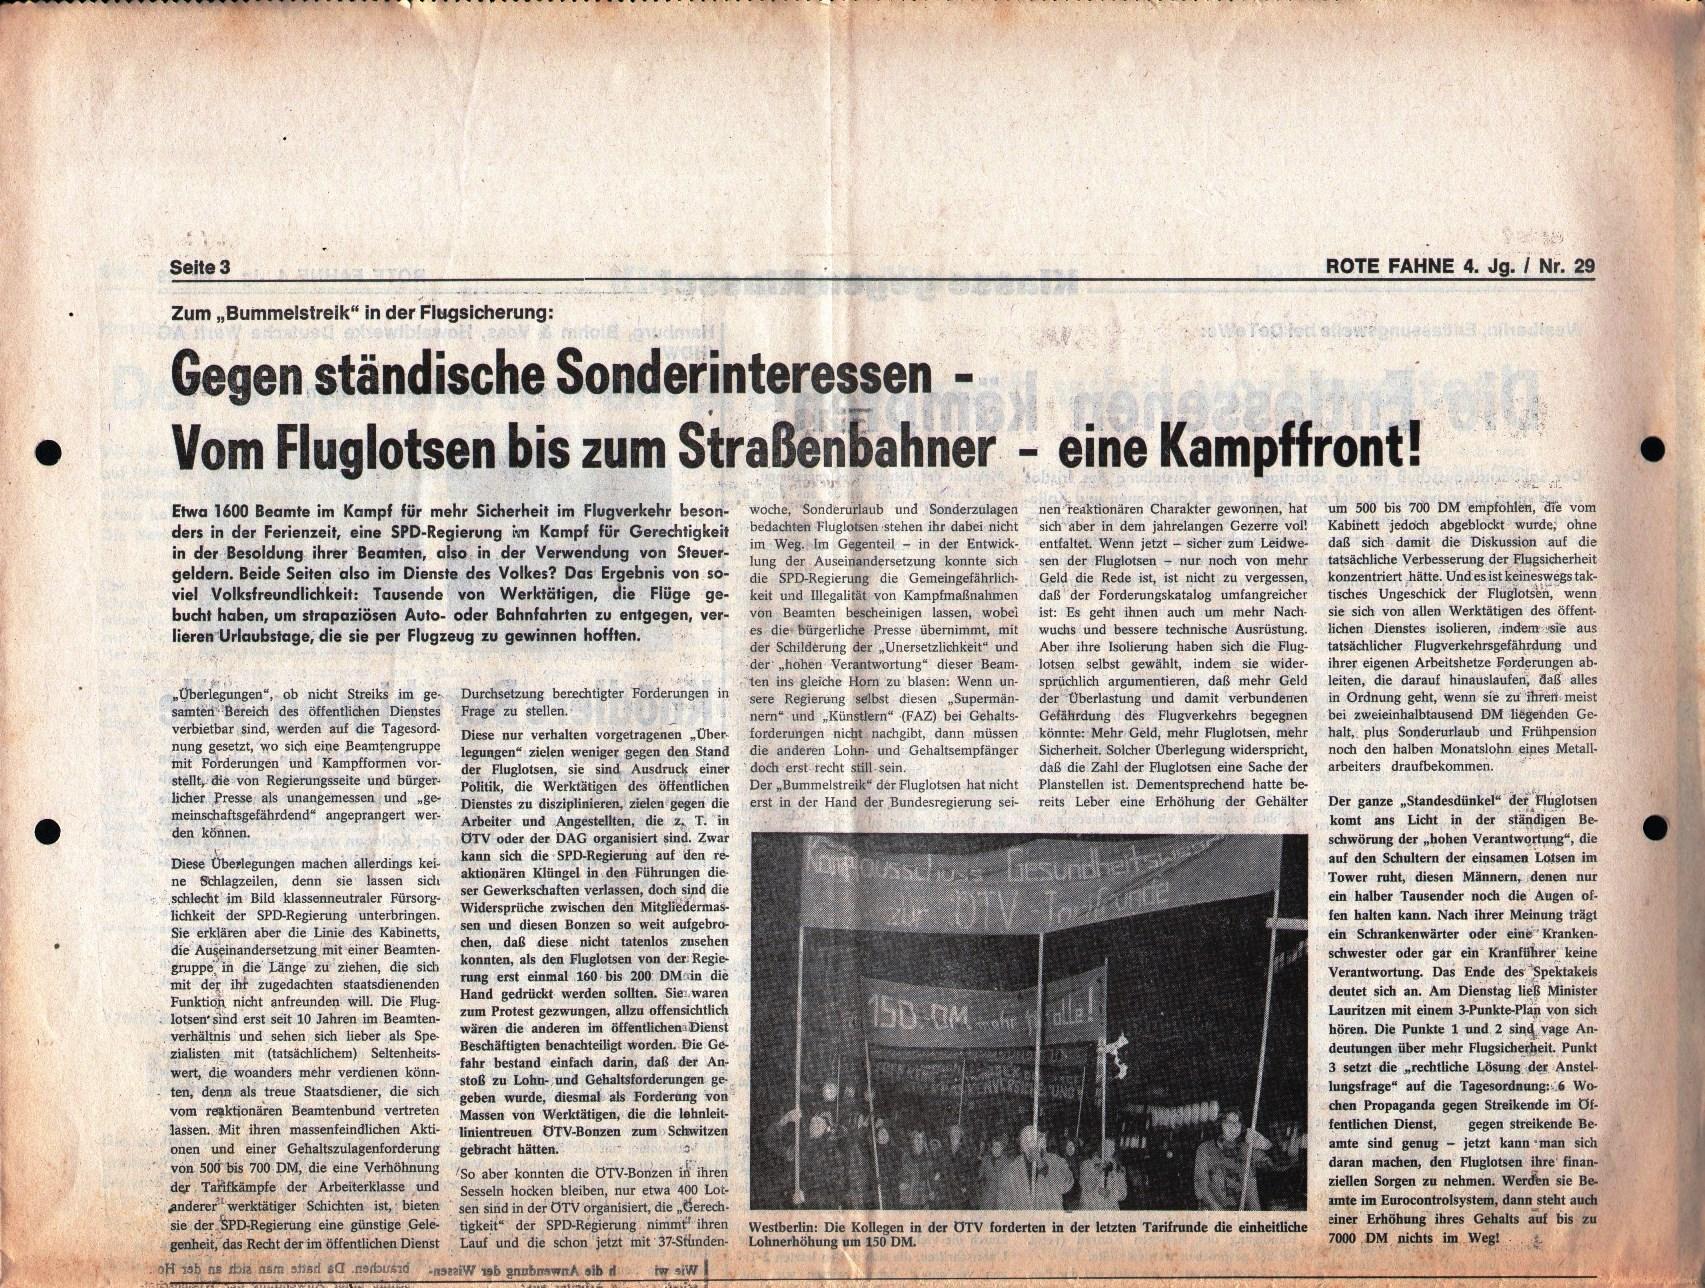 KPD_Rote_Fahne_1973_29_05